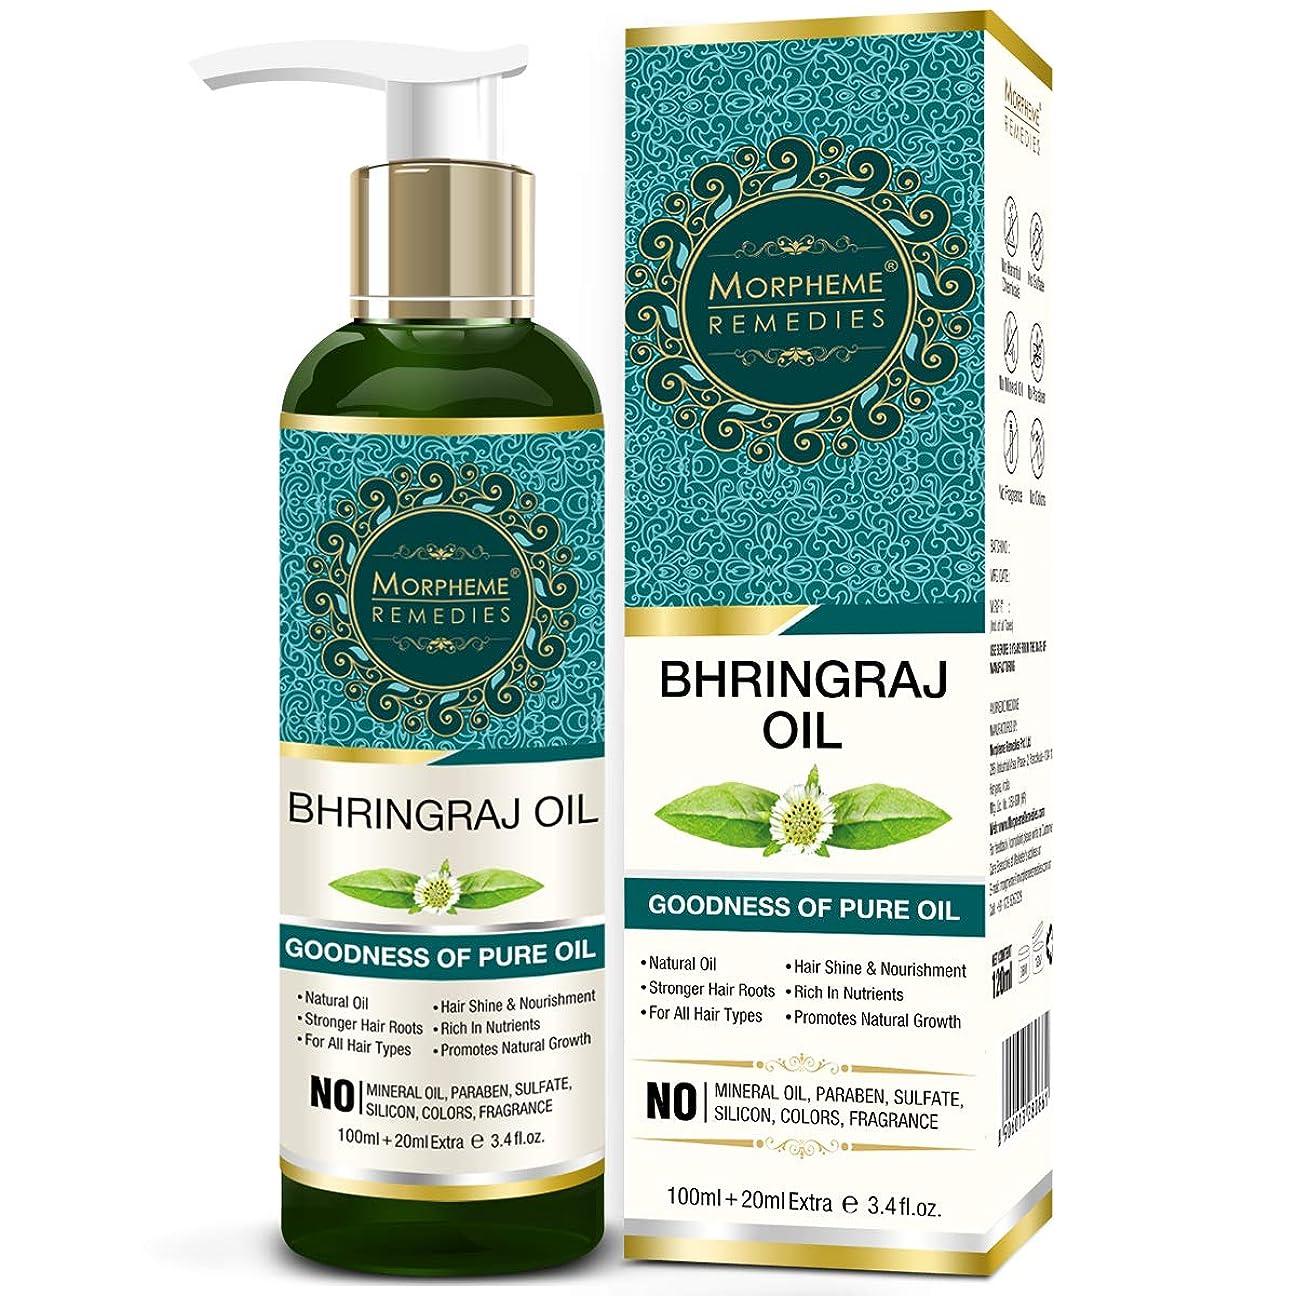 ピアノ亡命重大Morpheme Remedies Pure ColdPressed Bhringraj Oil (No Mineral Oil & Sulphate), 120ml